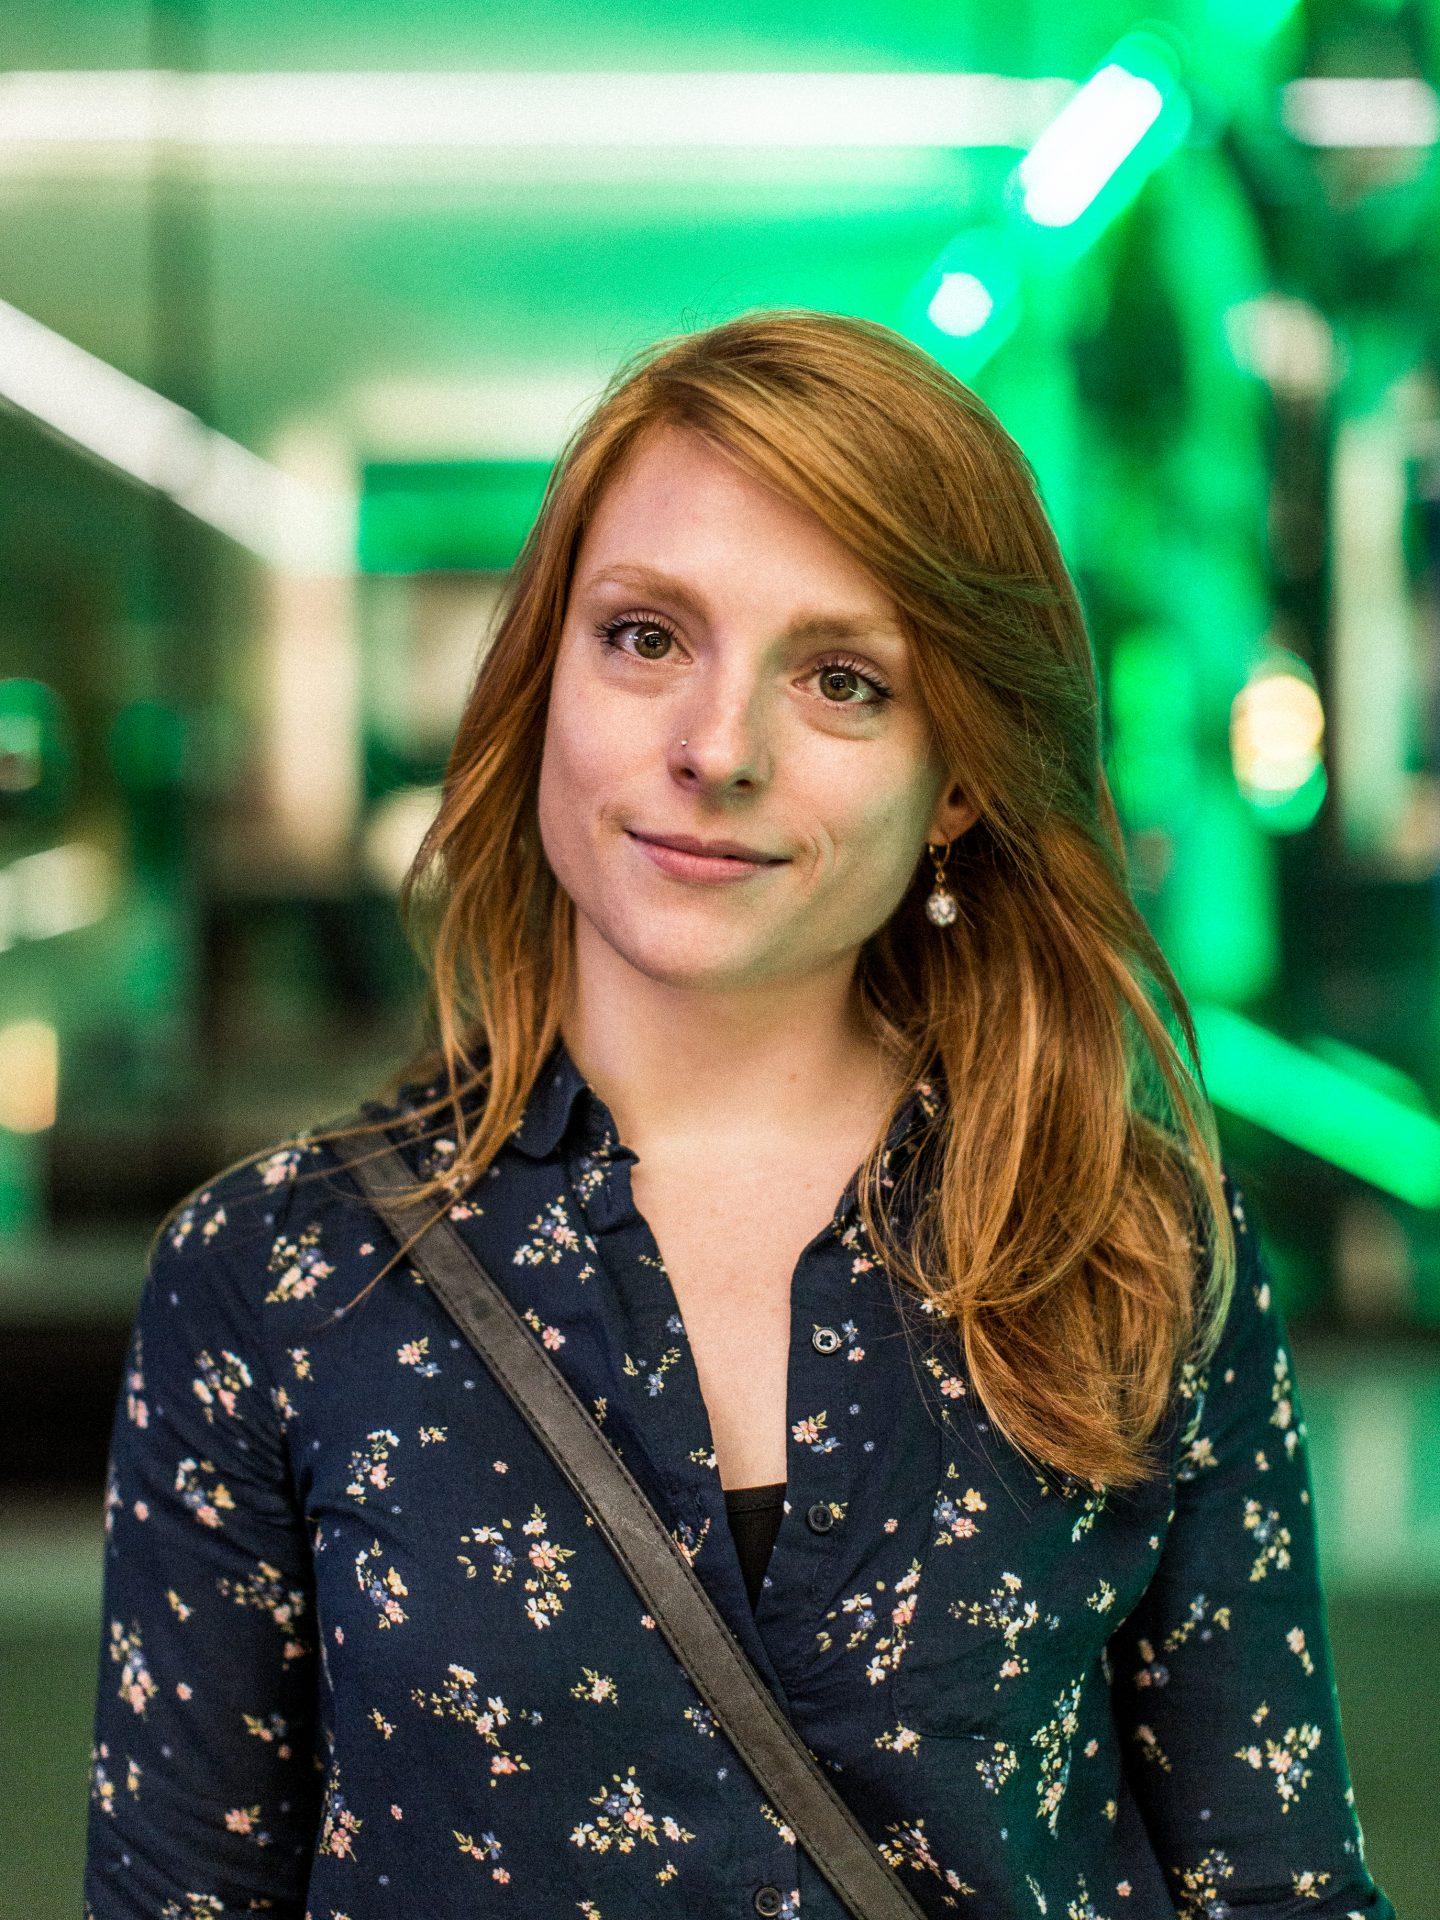 Samantha Schippers